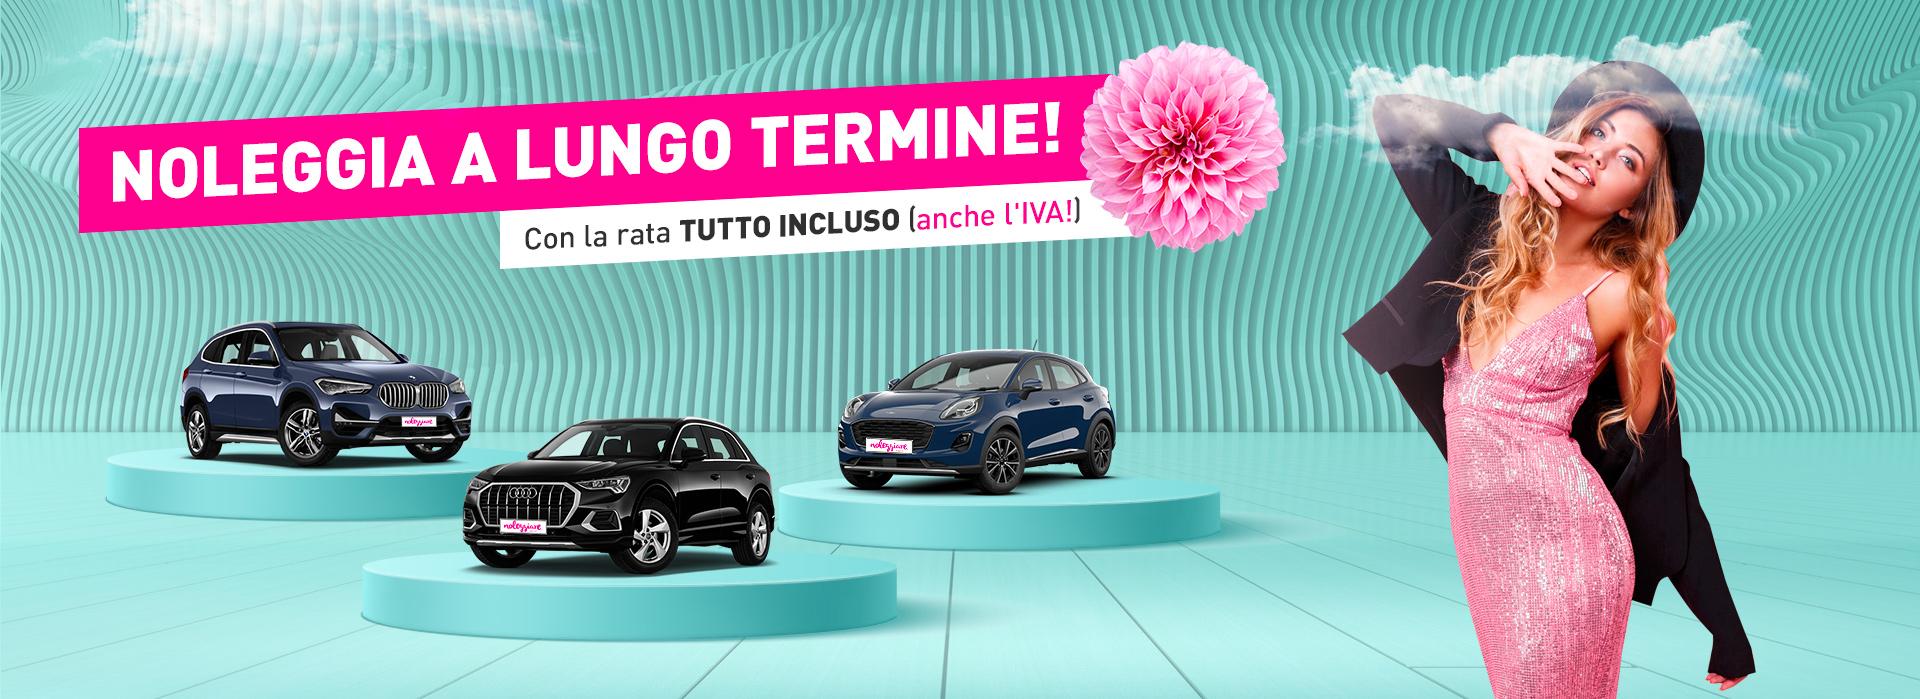 miglior autonoleggio italia